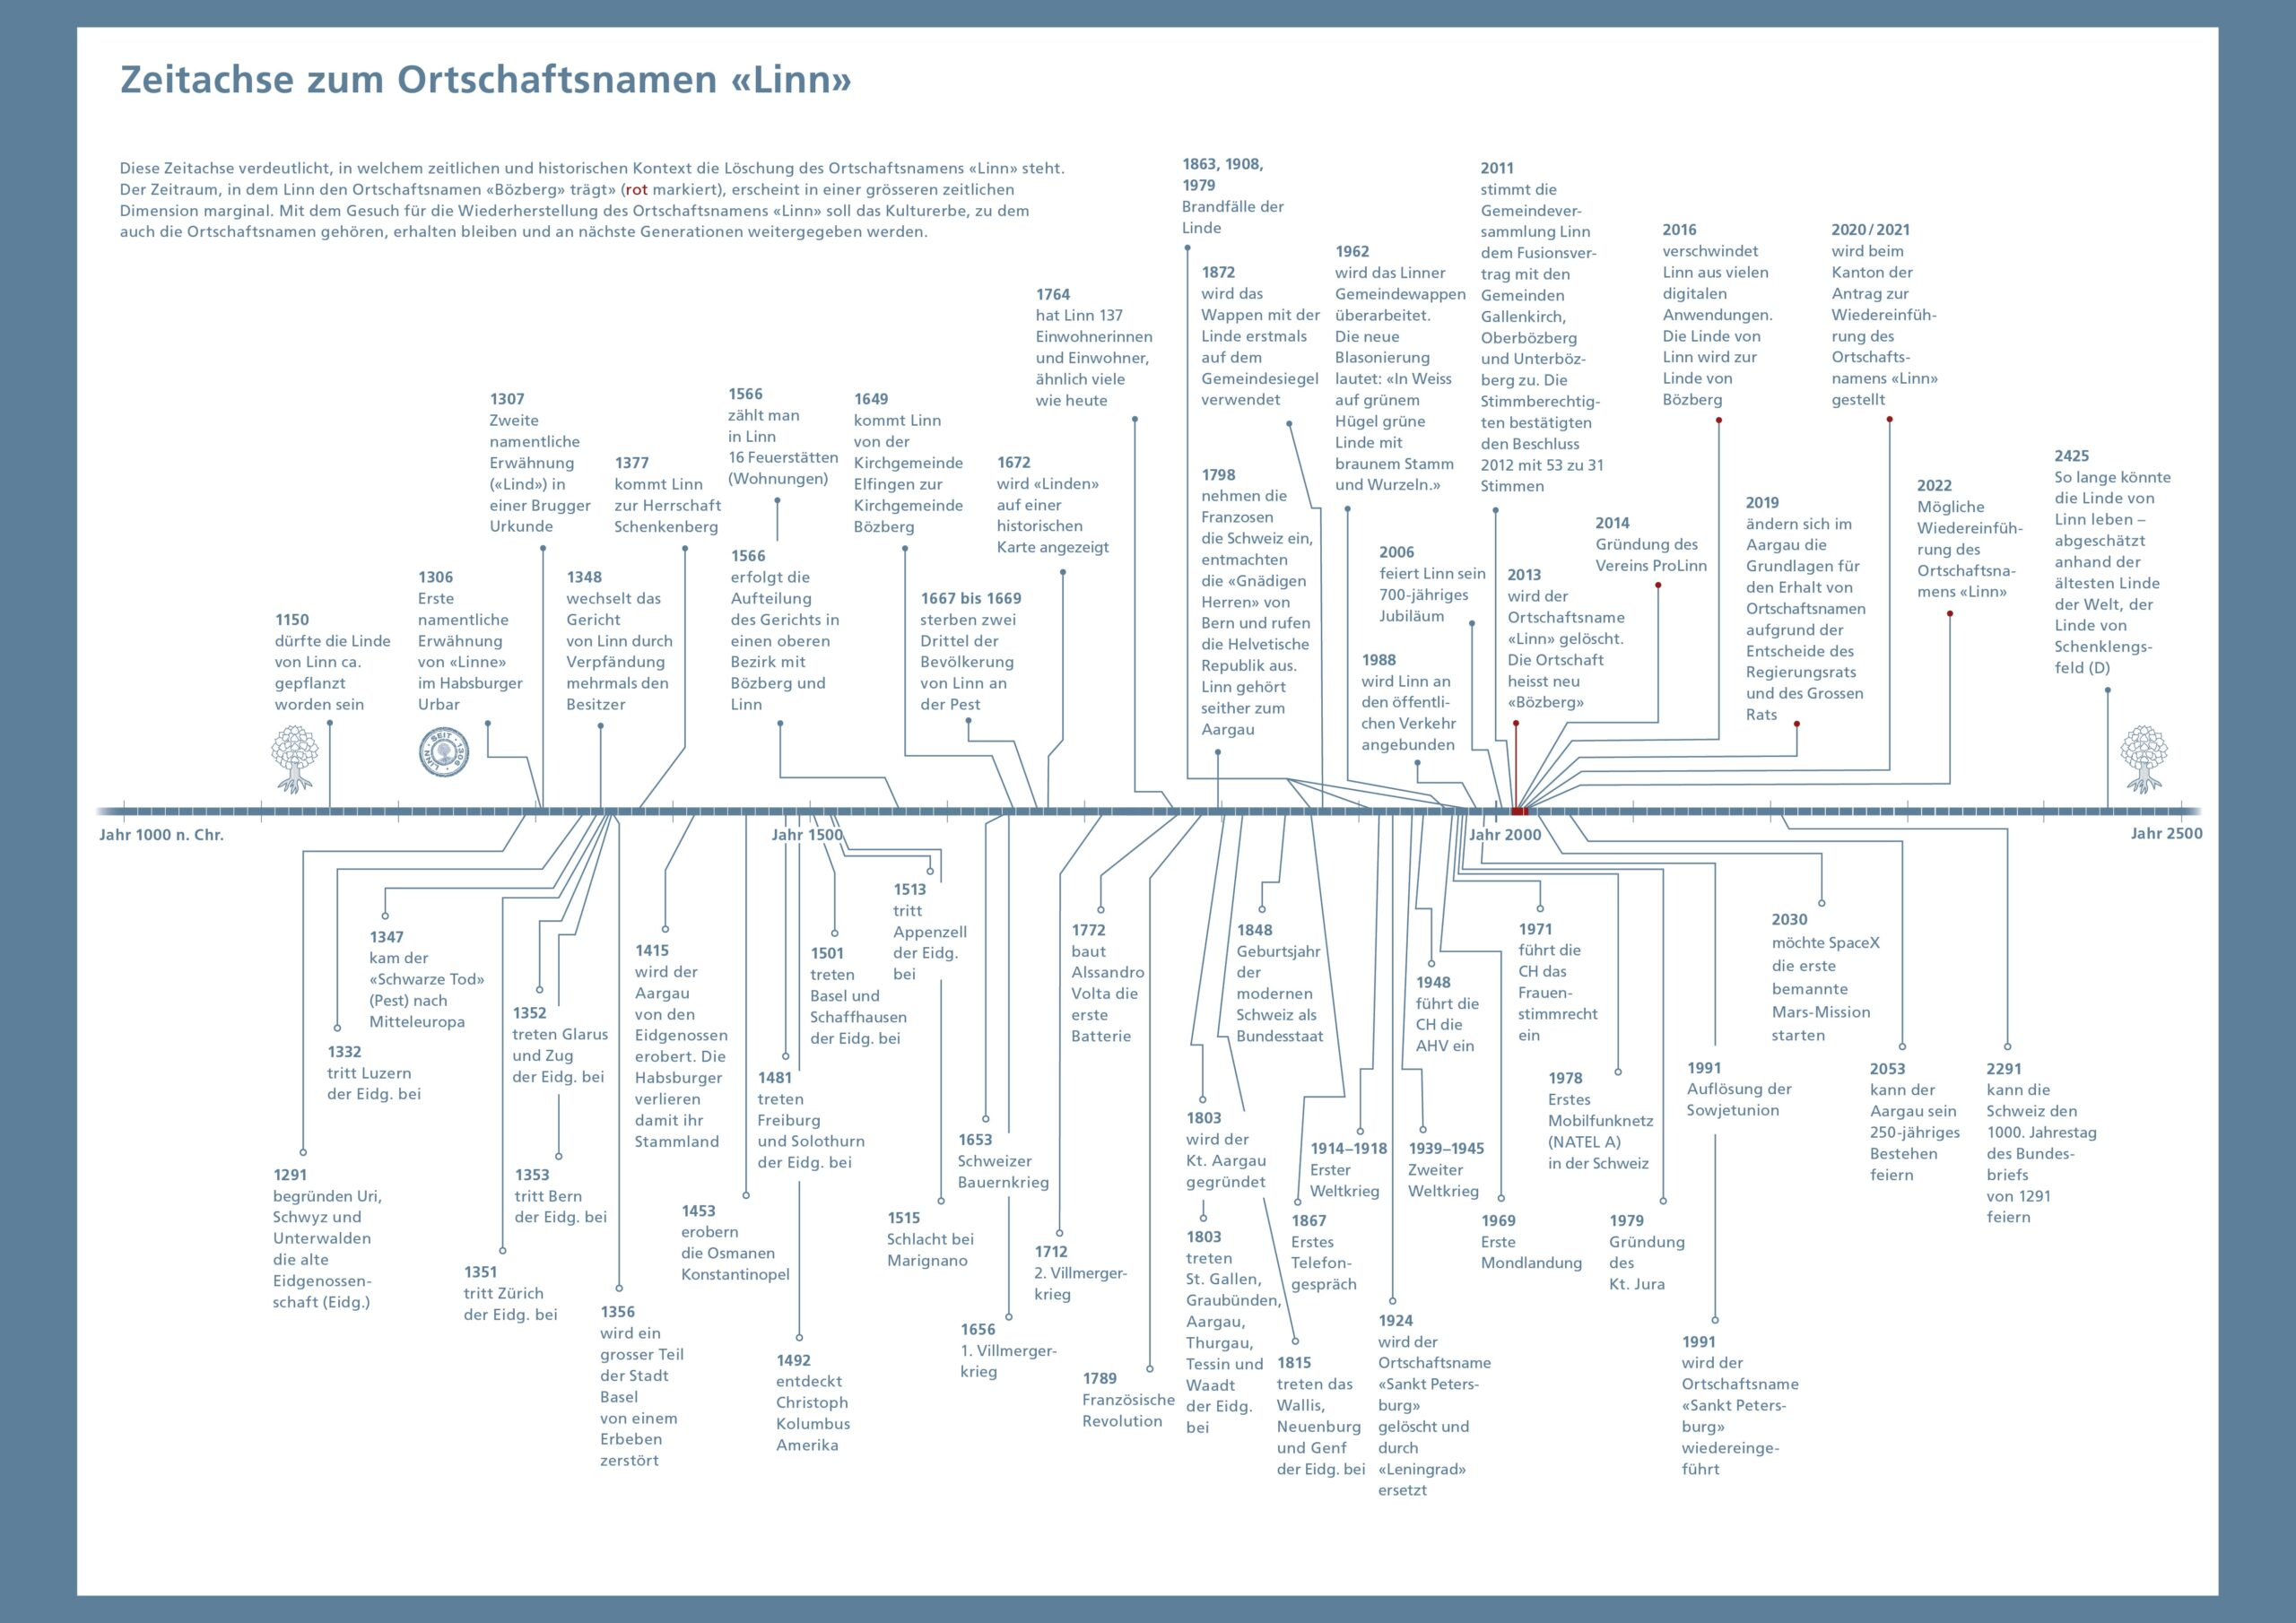 Gesuch-Ortschaftsnamene-Linn-Zeitachse-digitalansicht